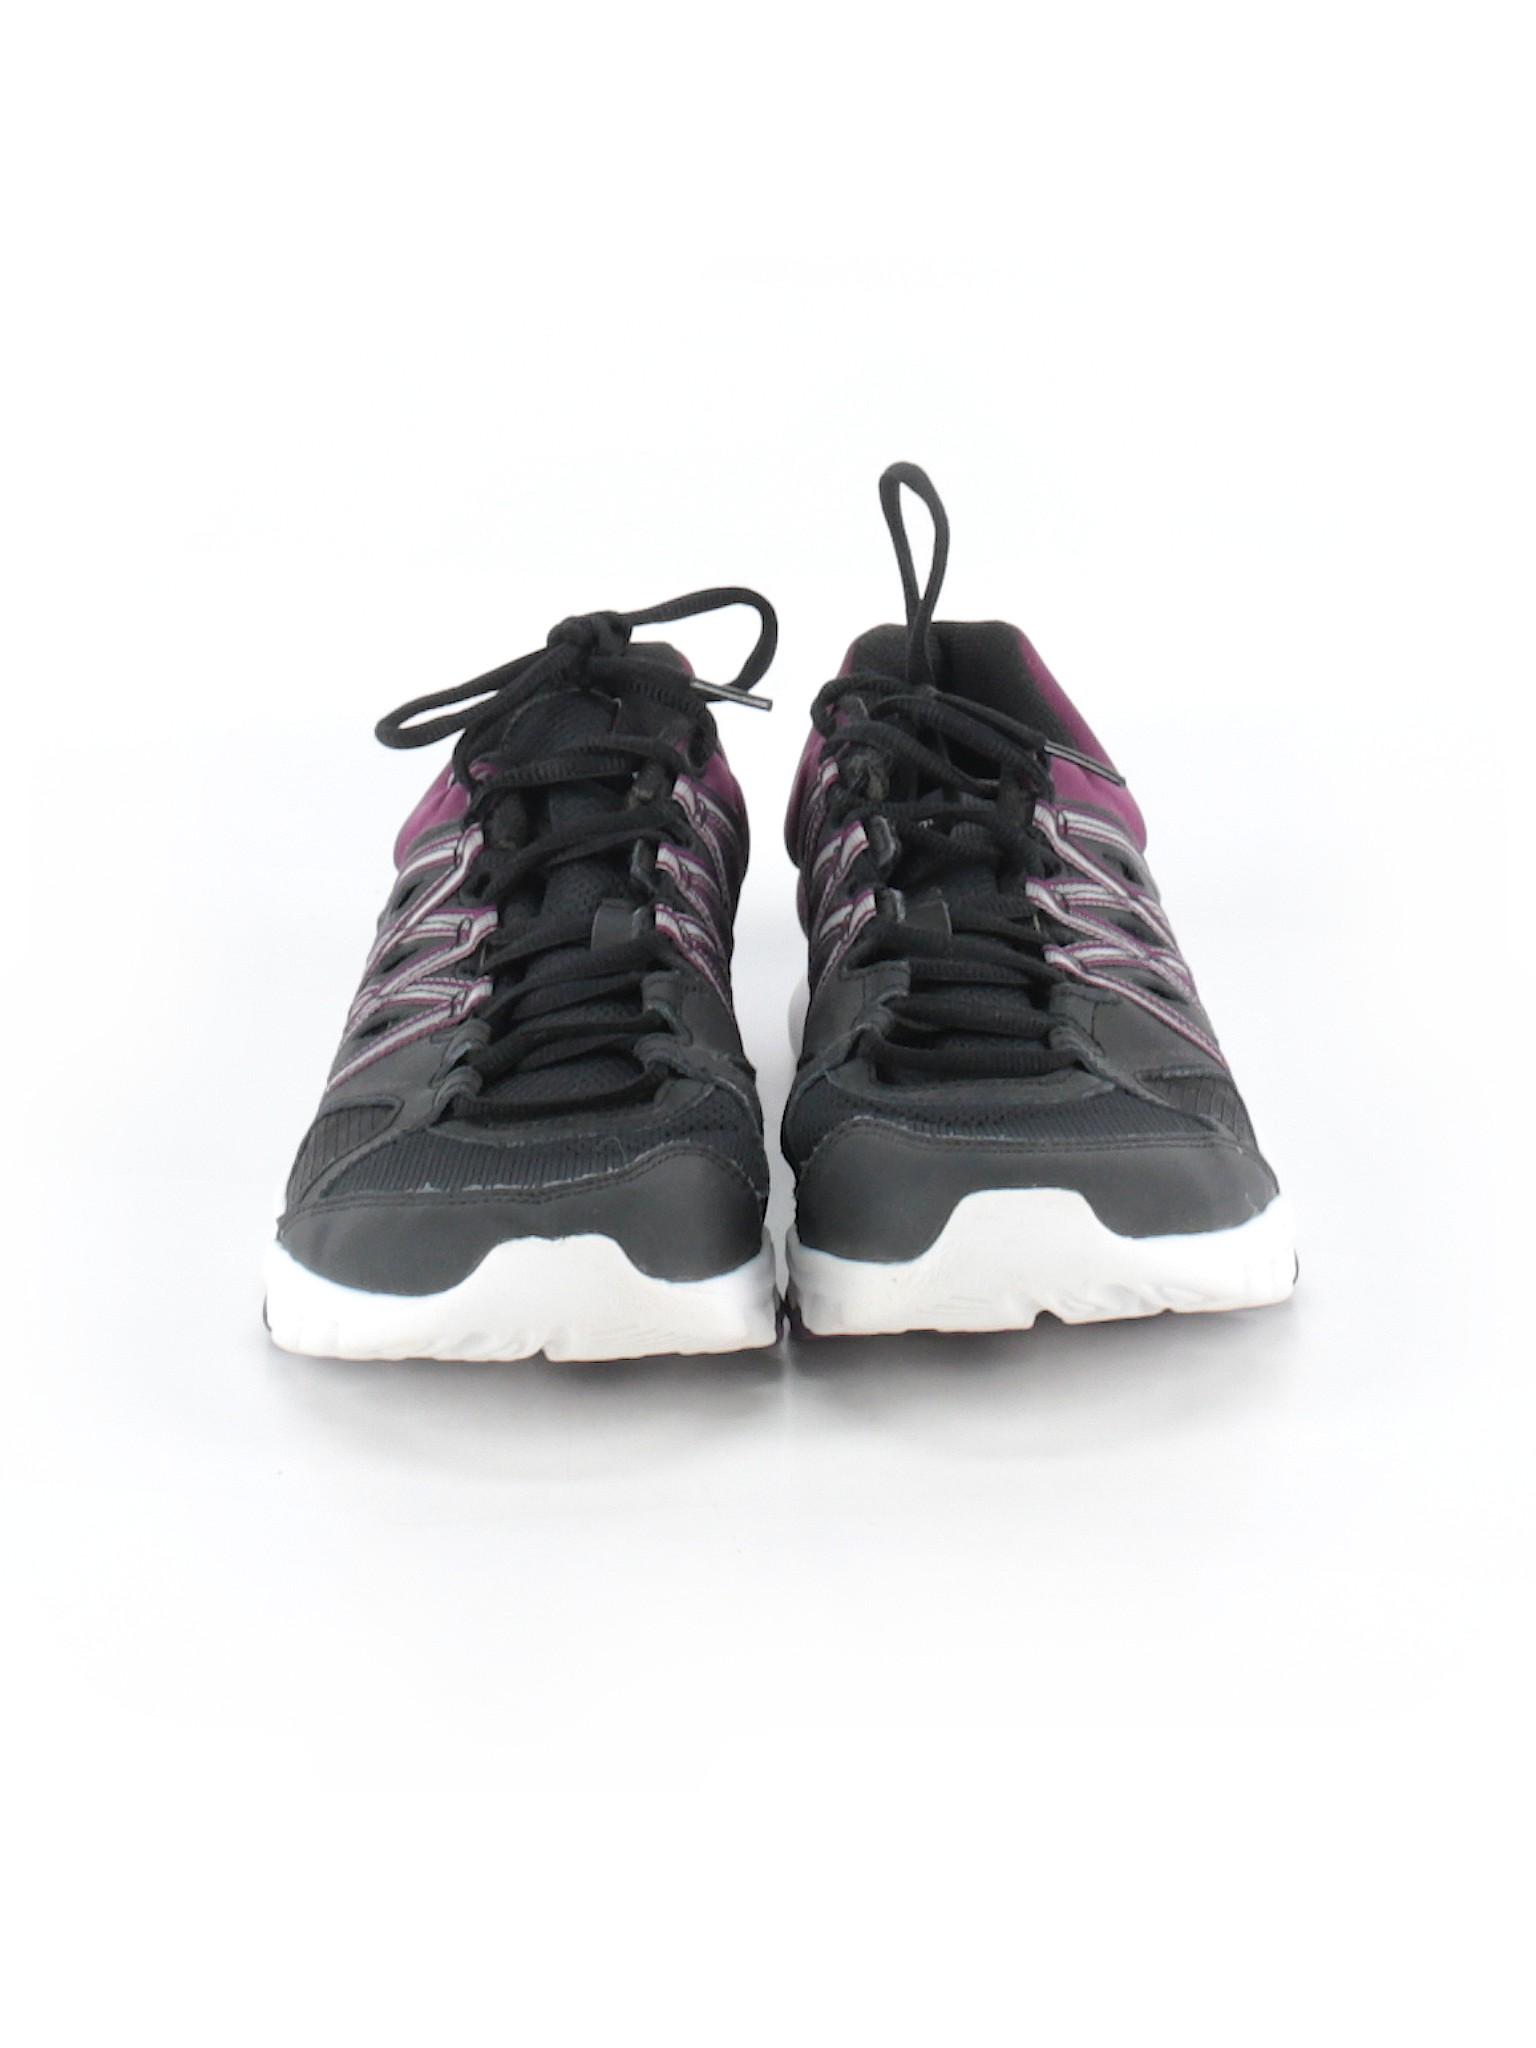 promotion Boutique Reebok Sneakers Boutique Sneakers promotion Boutique Reebok qwAOvxa